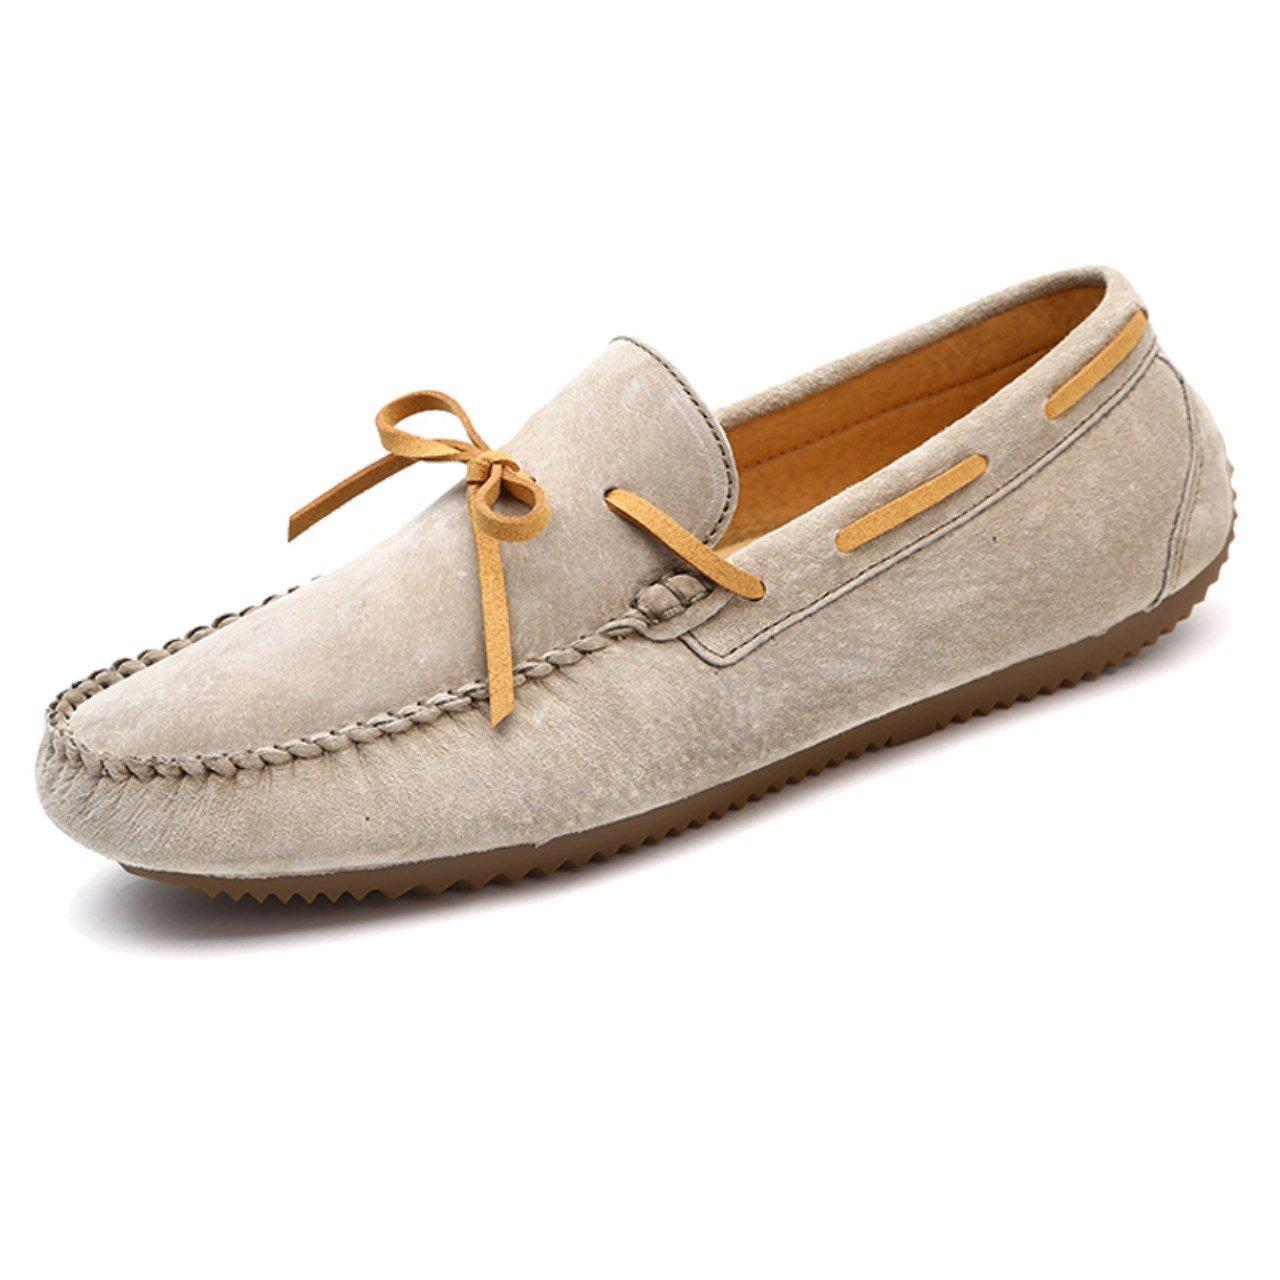 Moonwalker Mocasines Hombre en Cuero Nubuck con Lazo Delantero: Amazon.es: Zapatos y complementos